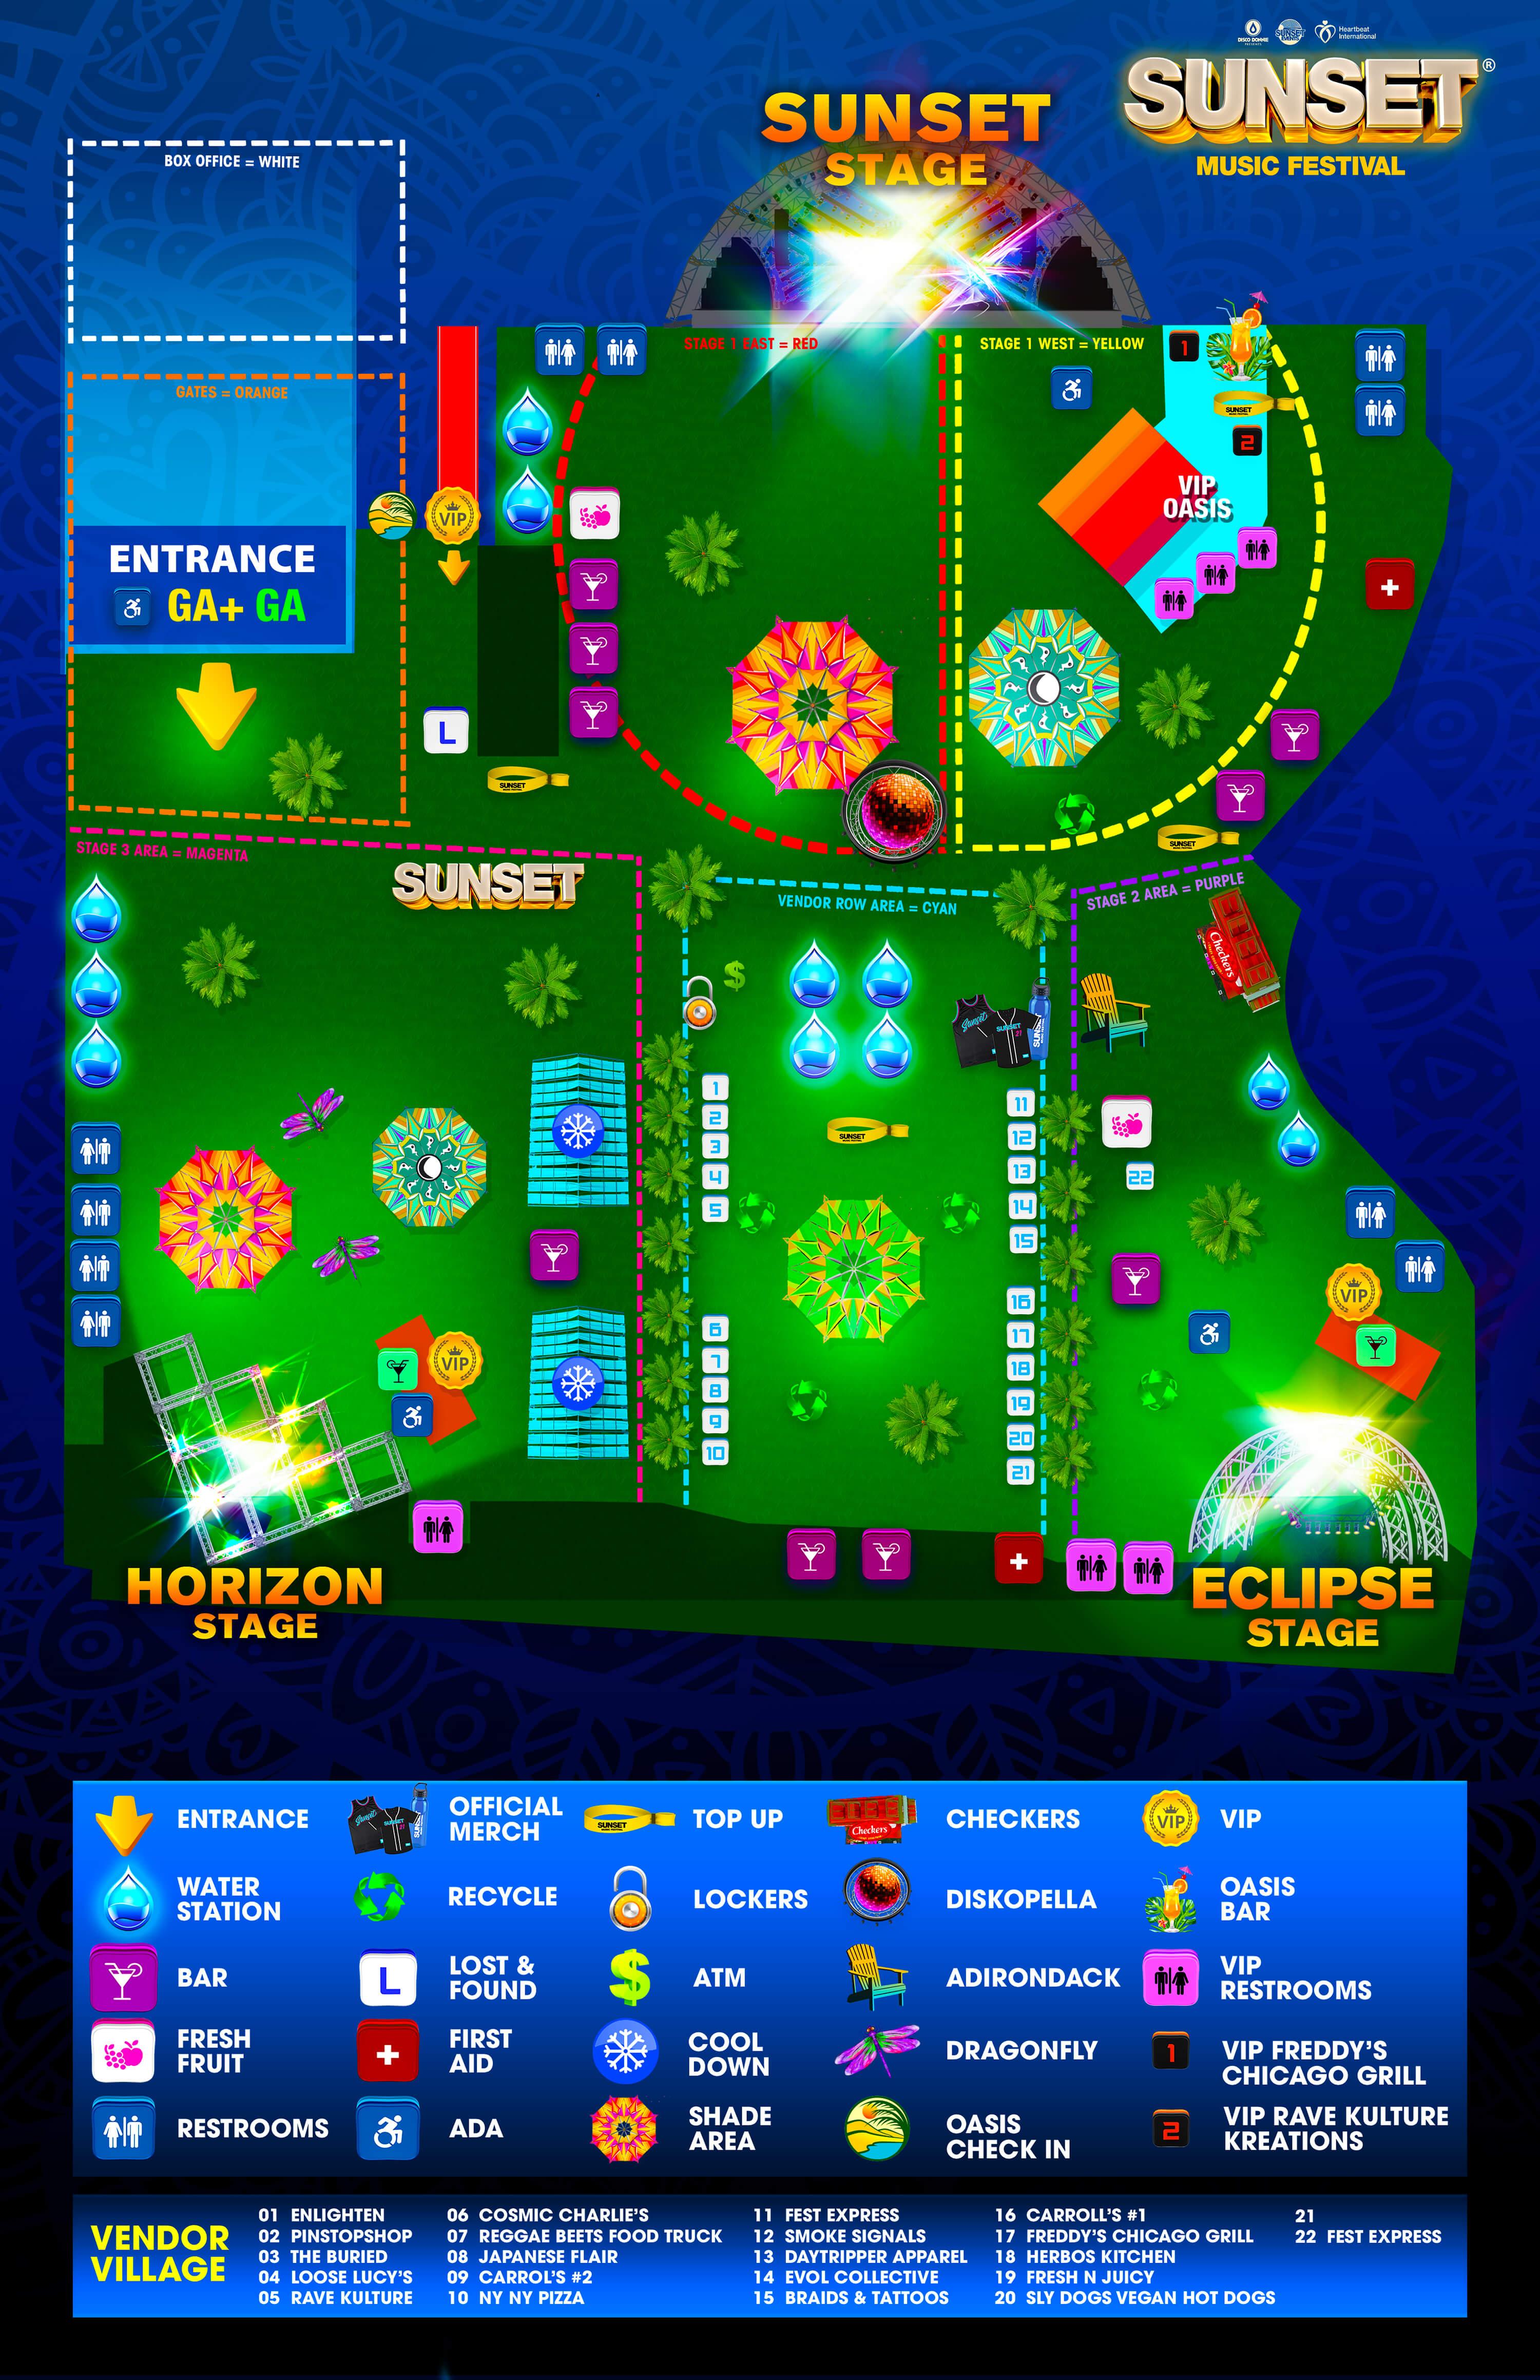 sunset music festival 2021 map